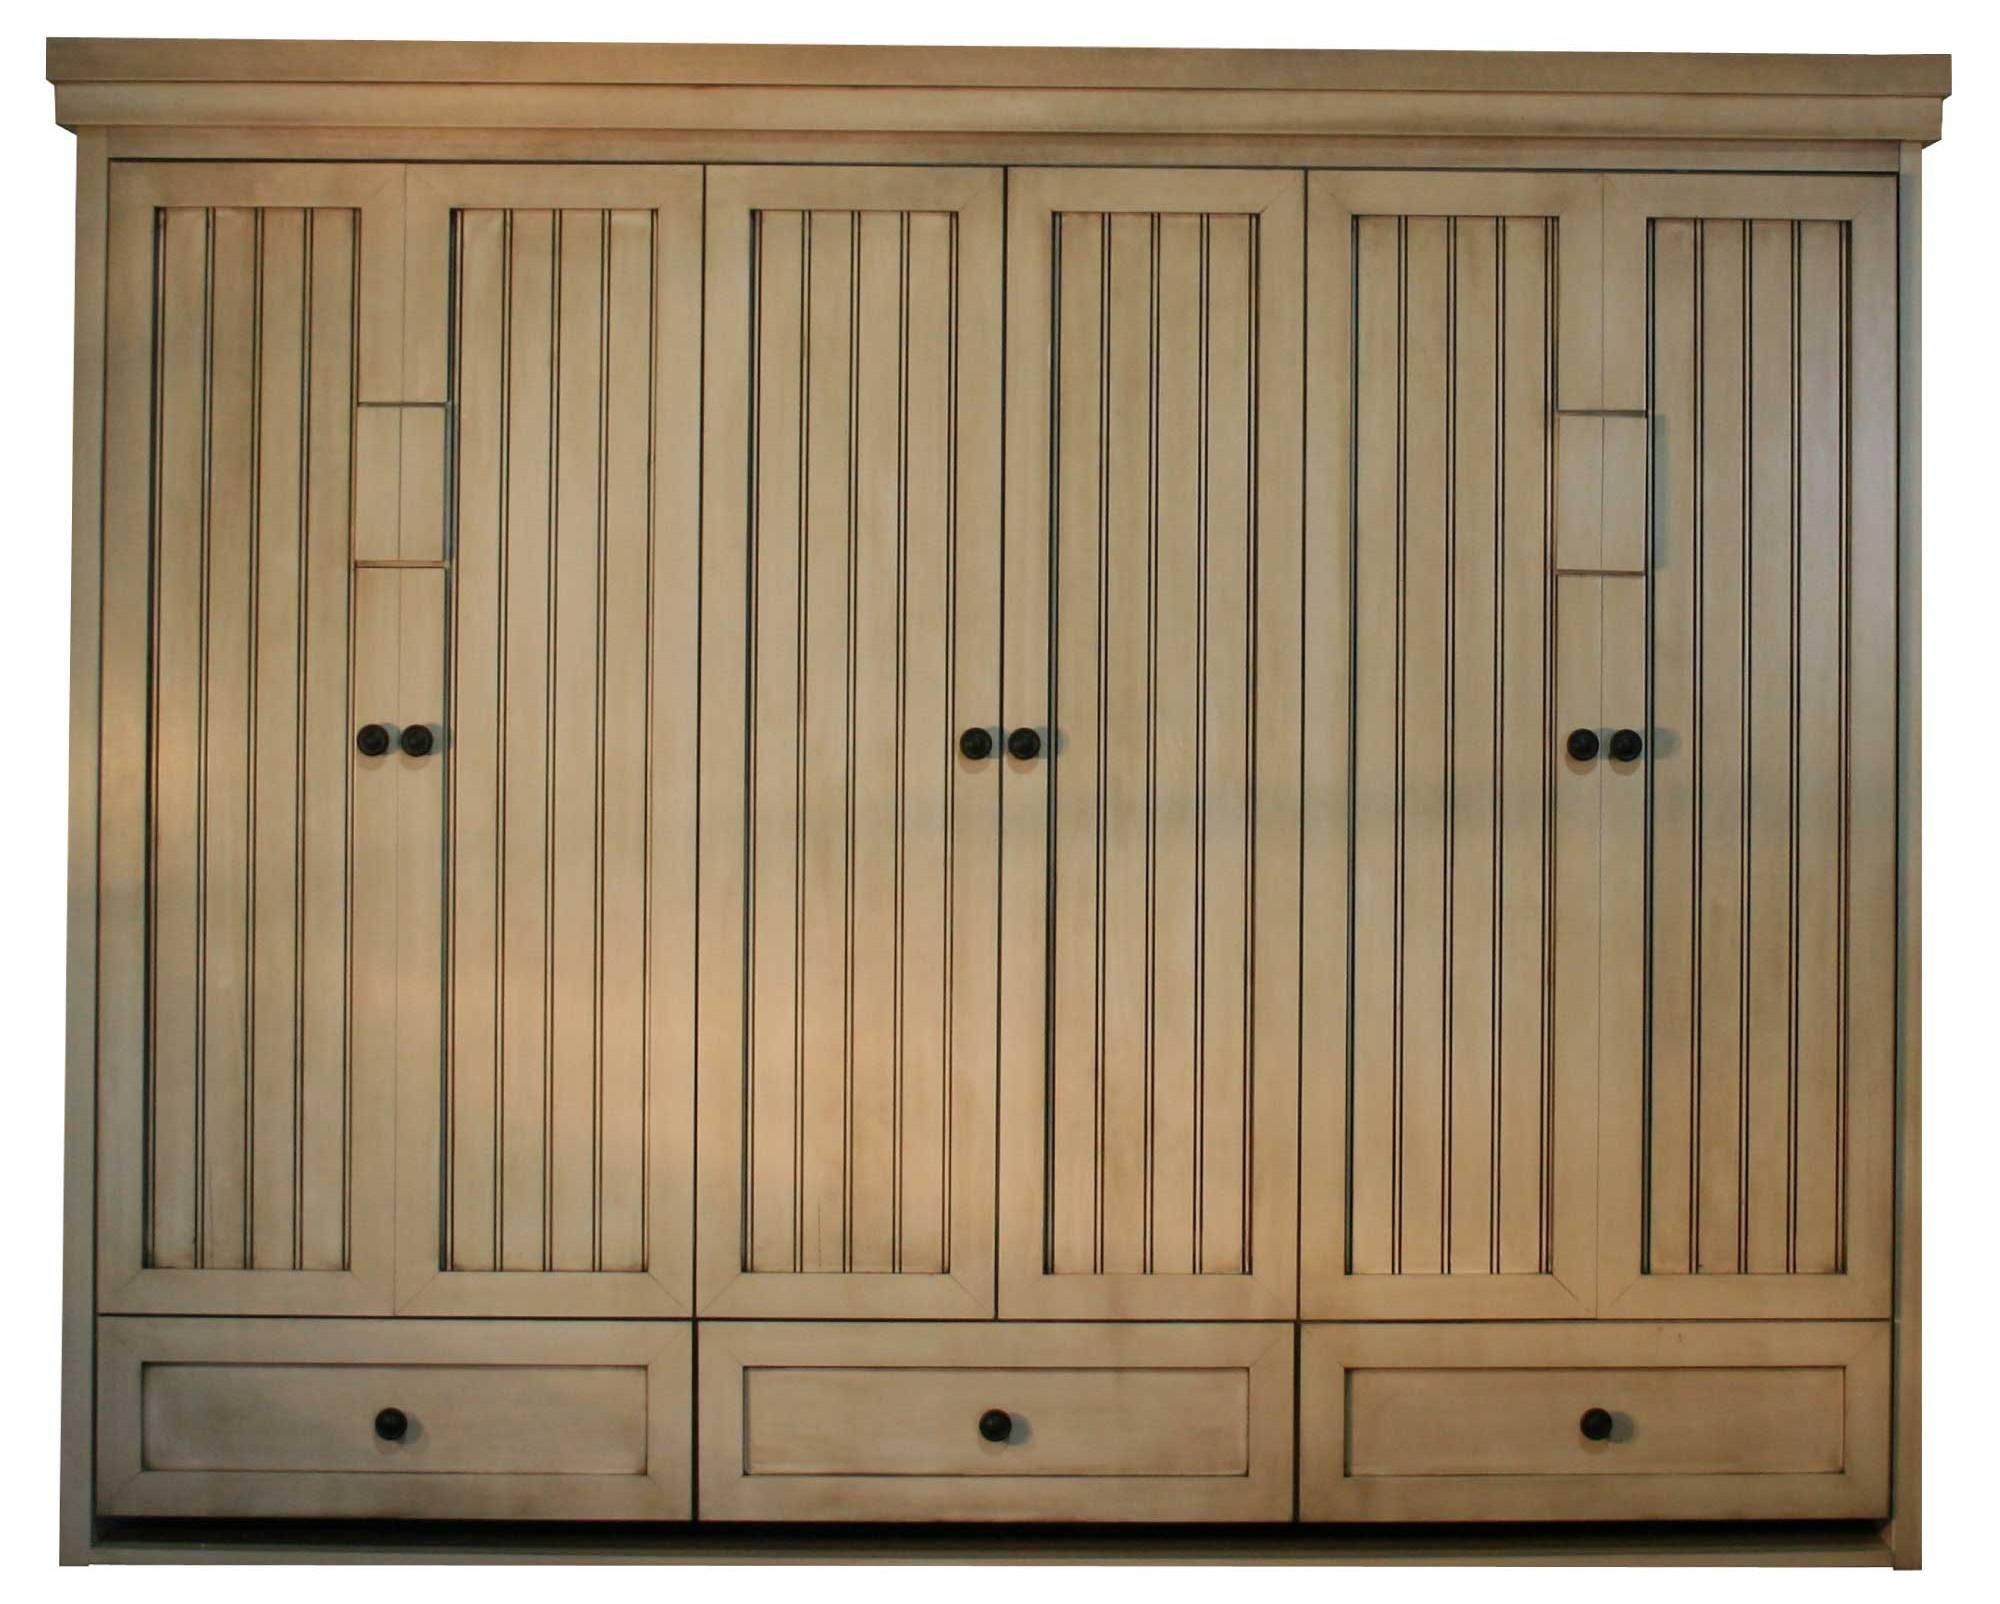 Pictures of murphy beds - Side Mount Queen Hampton